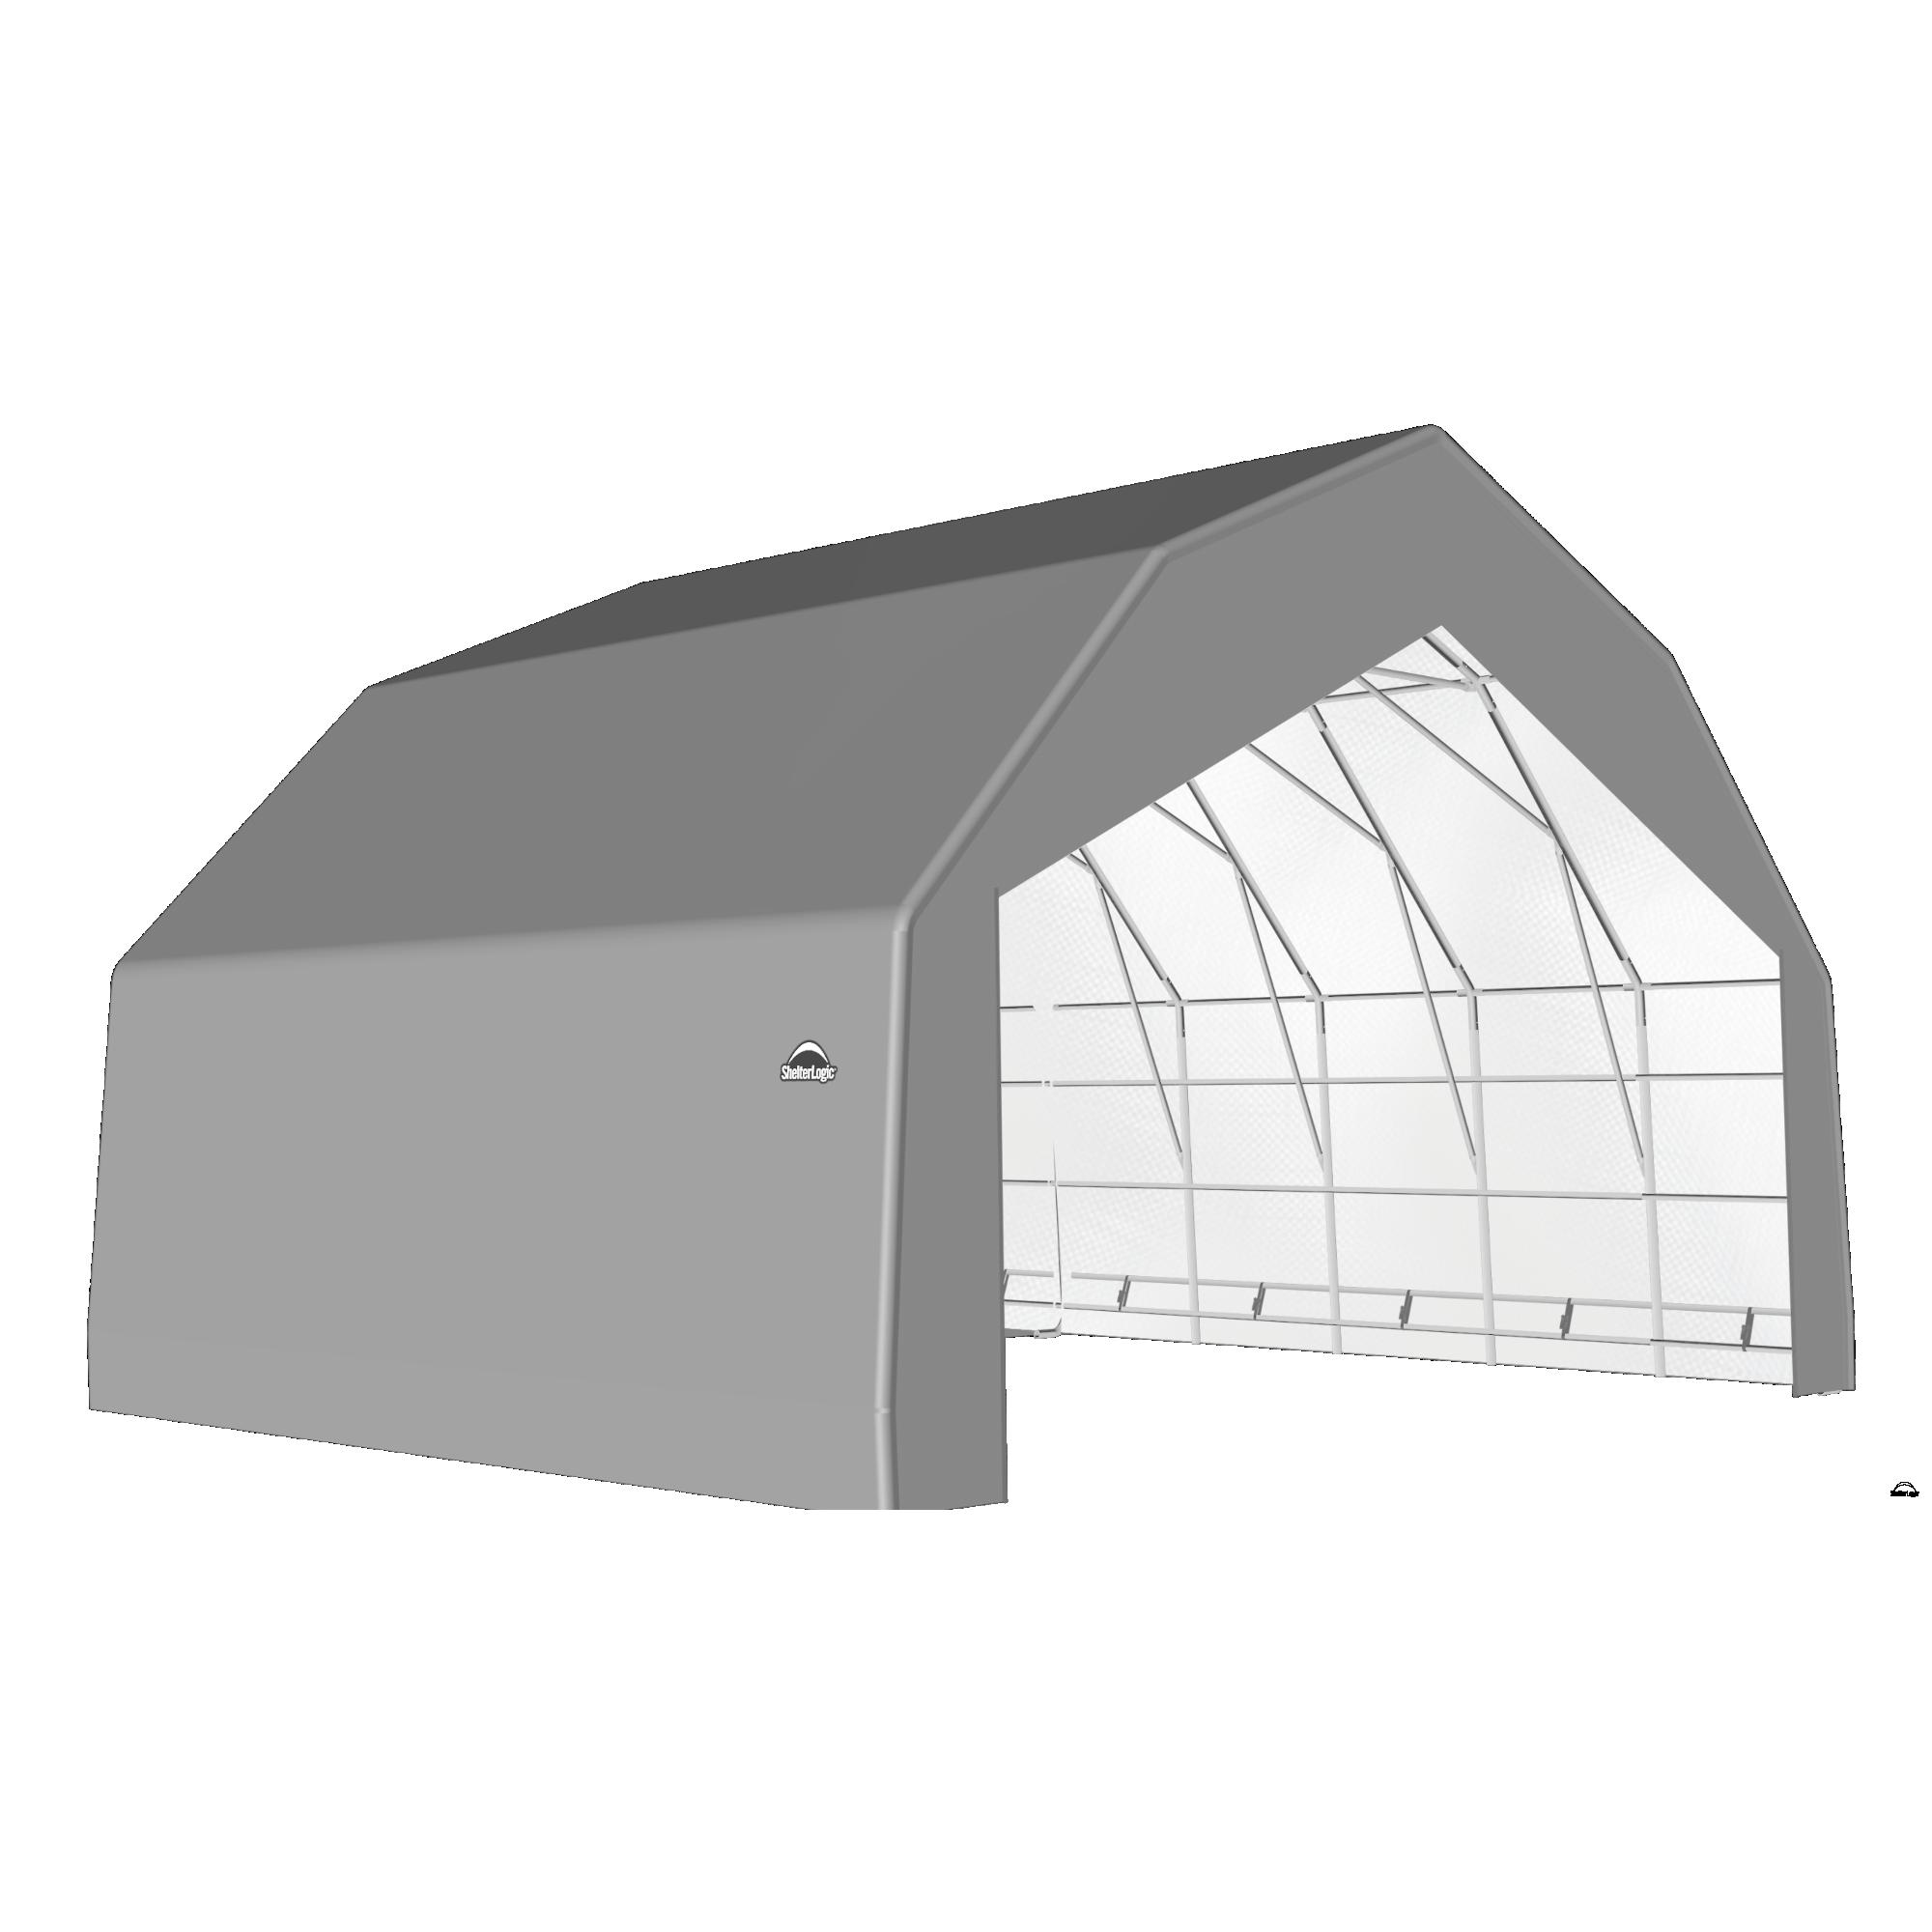 SP Barn 30X28X18 Gray 14 oz PE Shelter